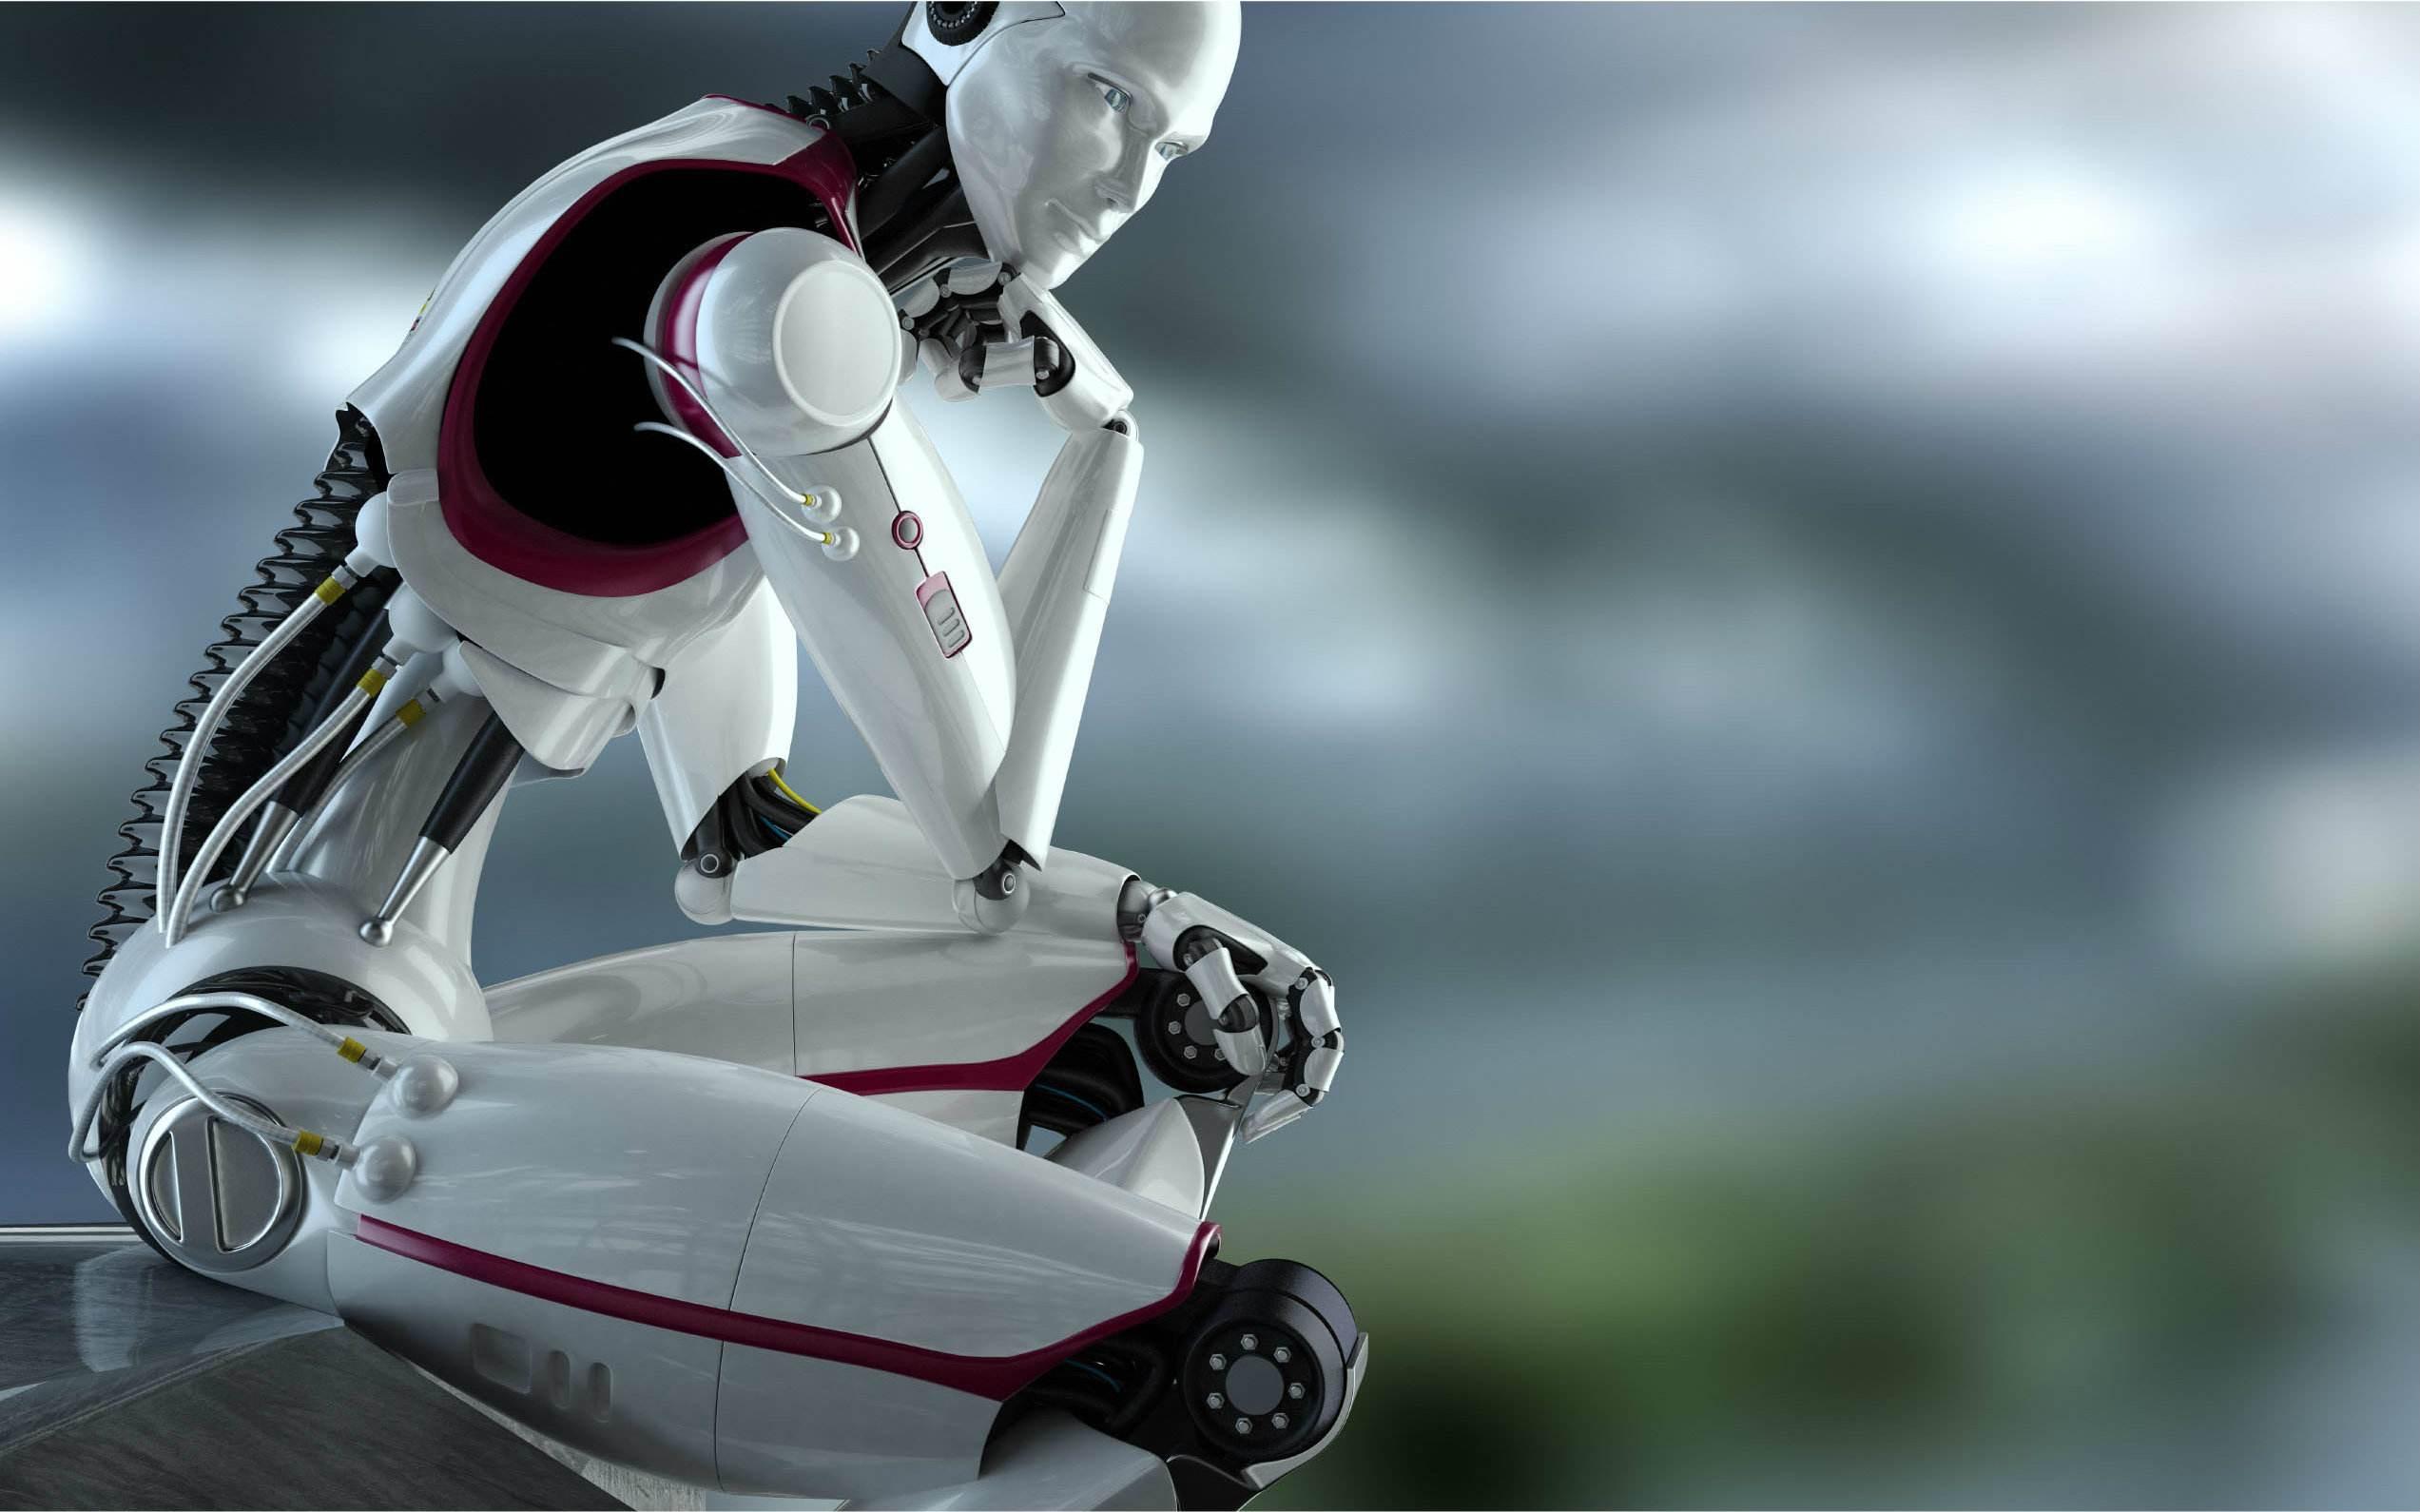 为了防止机器人产生自我意识,技术专家公布新的人工智能设计方法